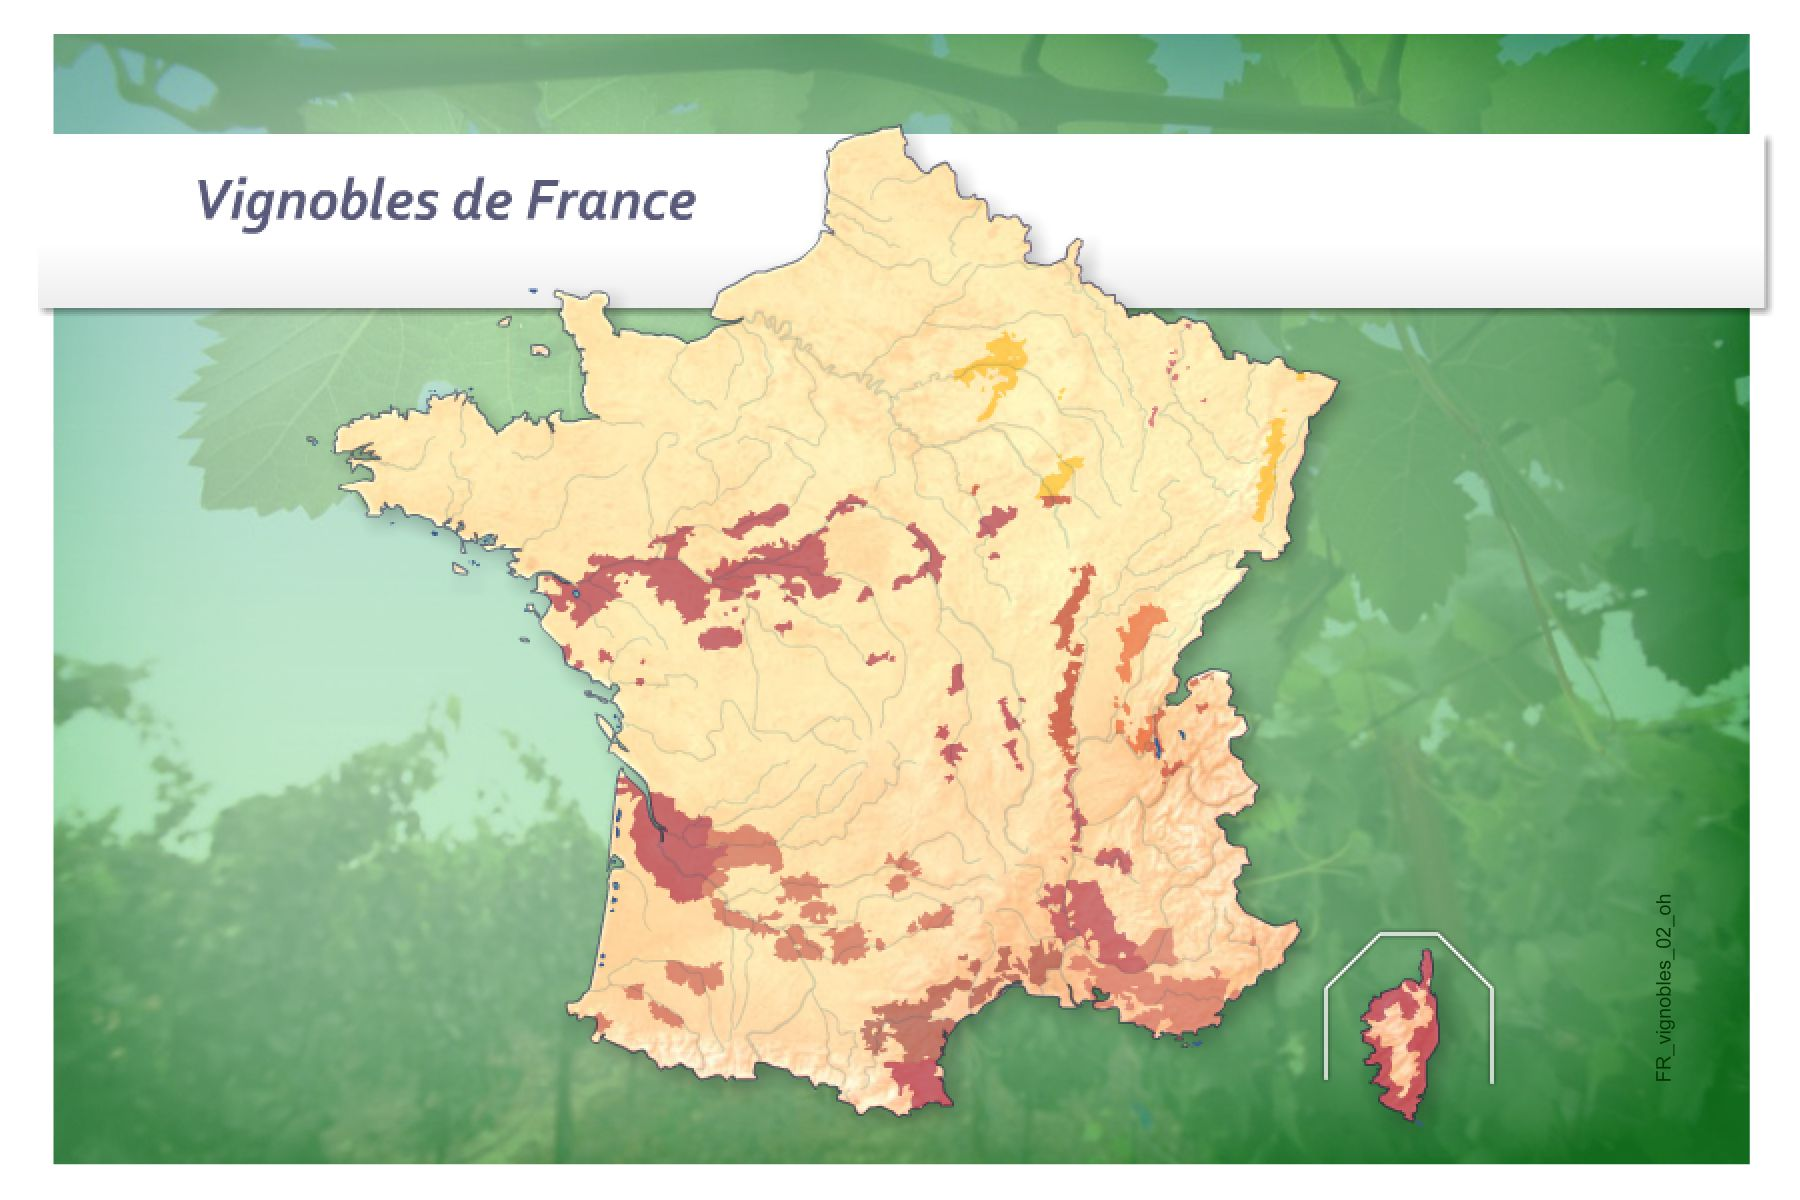 Populaire jeux-geographiques.com jeux gratuits Jeu Vignobles de France QL02